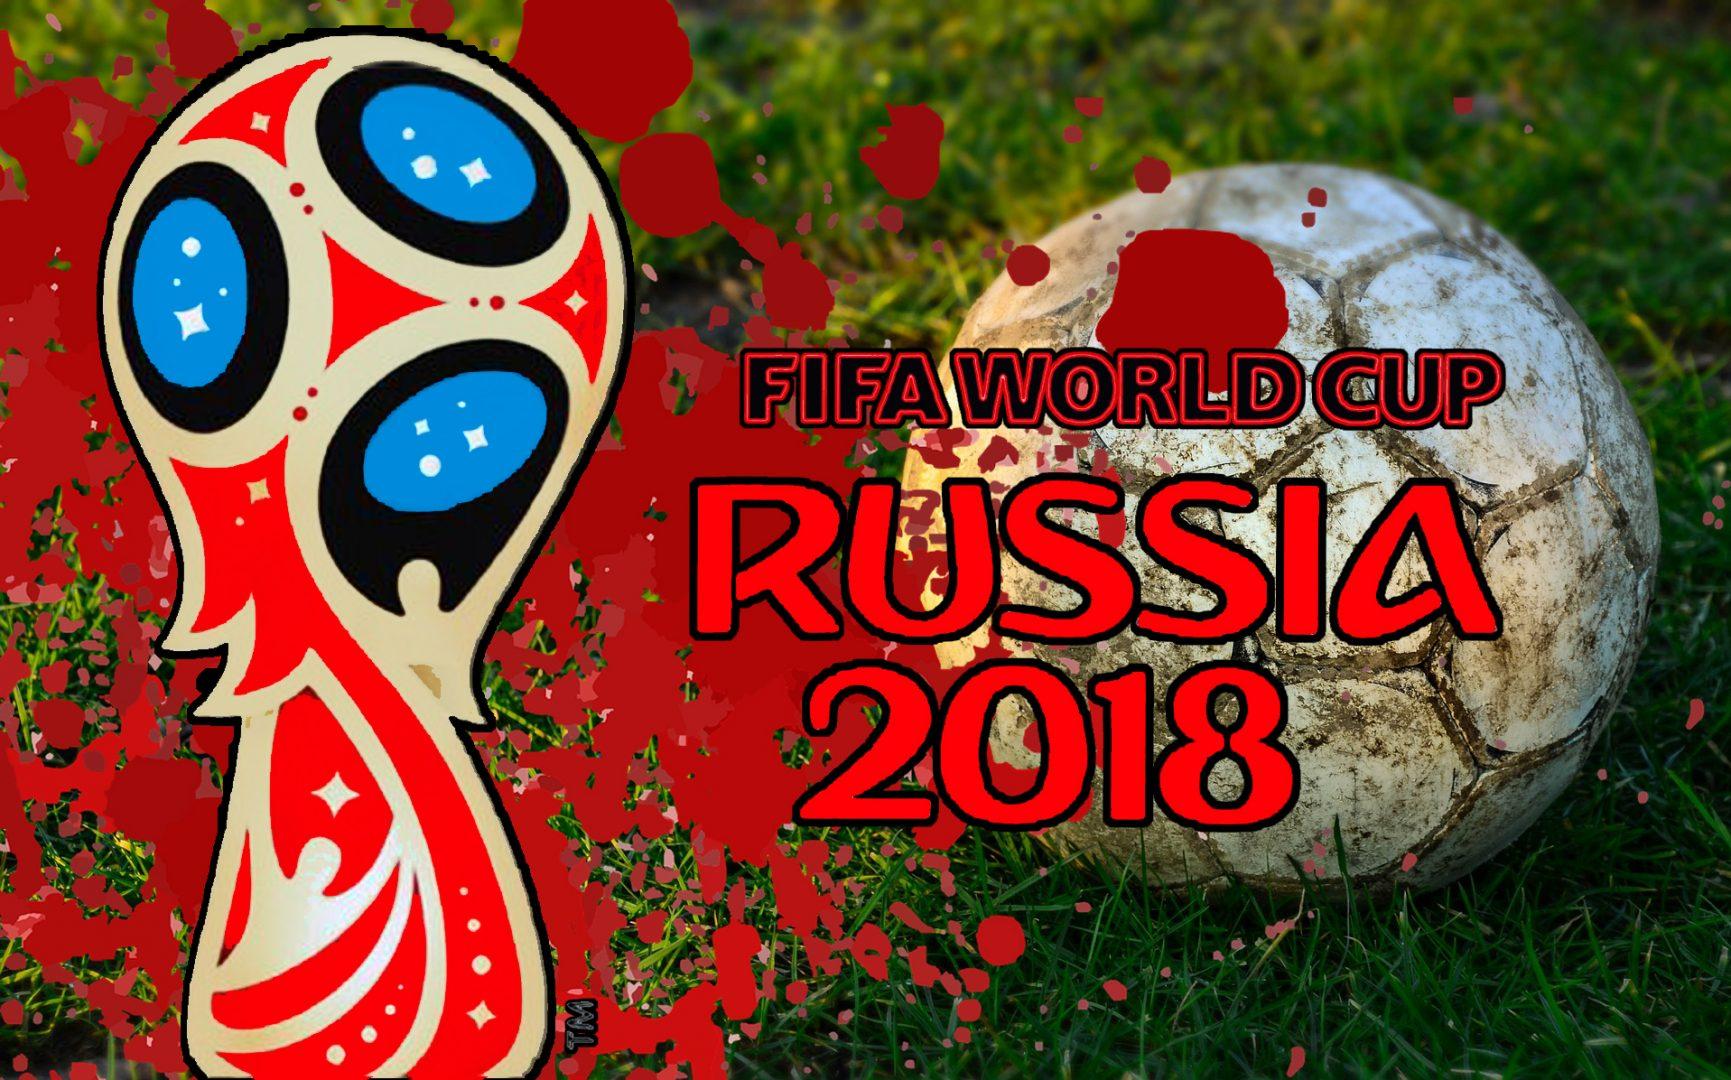 Bilder föreställer pokal-symbolen för fotbolls-VM 2018, samt texten Fifa World Cup 2018. I bagrunden ser mane en sliten fotboll på en gräsmatta, och stänk av blod.